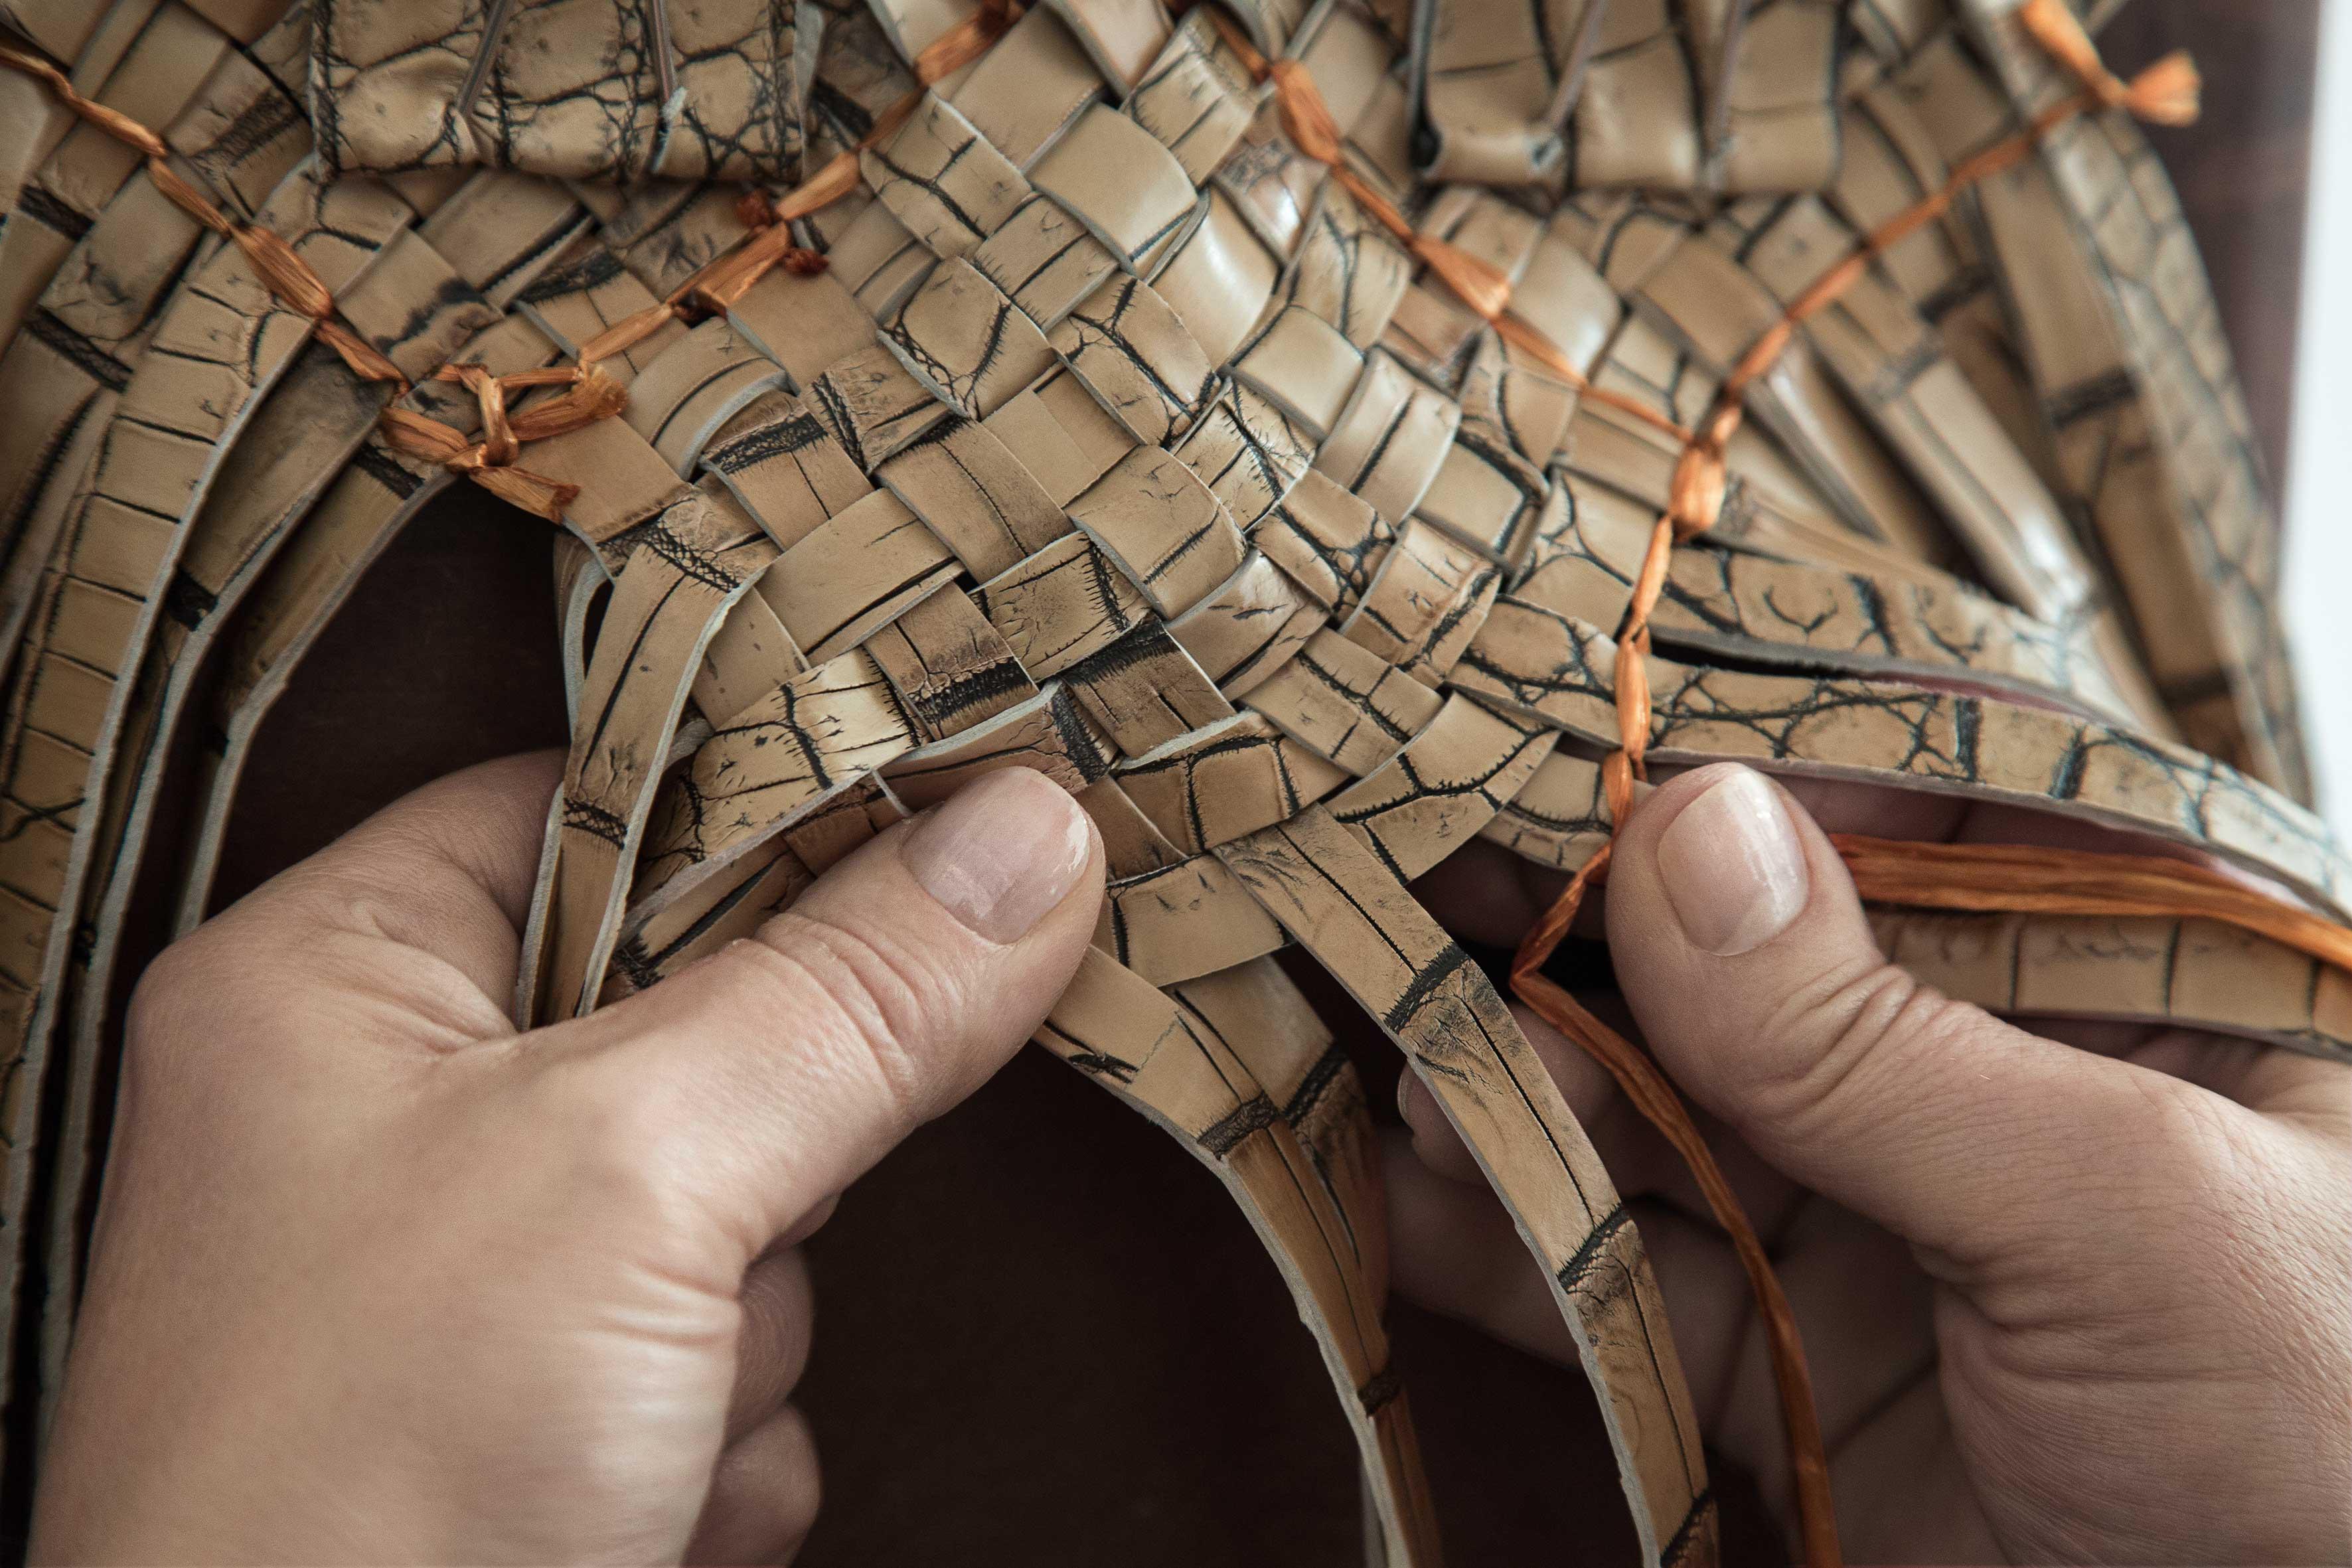 """La beauté dutravail artisanal de Bottega Venetafait aujourd'hui office de véritable signature reconnaissable entre mille.   Pour nourrir sa vision, Tomas Maier s'appuie dès sa prise de fonctionsur l'artisanat italien de haut vol qui est l'âme même de Bottega Veneta: en 1966, les fondateurs, Michele Taddei et Renzo Zengiaro, établissaient un atelier spécialisé dans le tressage du cuir. La beauté de ce travail artisanal séduisit la bohème jet-set des années70, qui tomba rapidement amoureuse de sonintreciatto,lequel fait aujourd'hui office de véritable signature reconnaissable entre mille. Lorsque Tomas Maier prend les rênes en 2001, il lance la campagne """"When your own initials are enough"""" et propose en alternative aux logos tape-à-l'œil de nombreuses marques un service de personnalisation des sacs. Le ton de l'ère Tomas Maier est donné. Et c'est entre deux pôles, l'amour de l'artisanat et celui de l'art, que cette ère se déploie au fil des années pour rencontrer judicieusement son époque.   """"Nous resterons toujours fidèles aux racines artisanales de la maison.Un héritage culturel qui fusionne technique et créativité et qui a traversé les époques.""""Tomas Maier"""